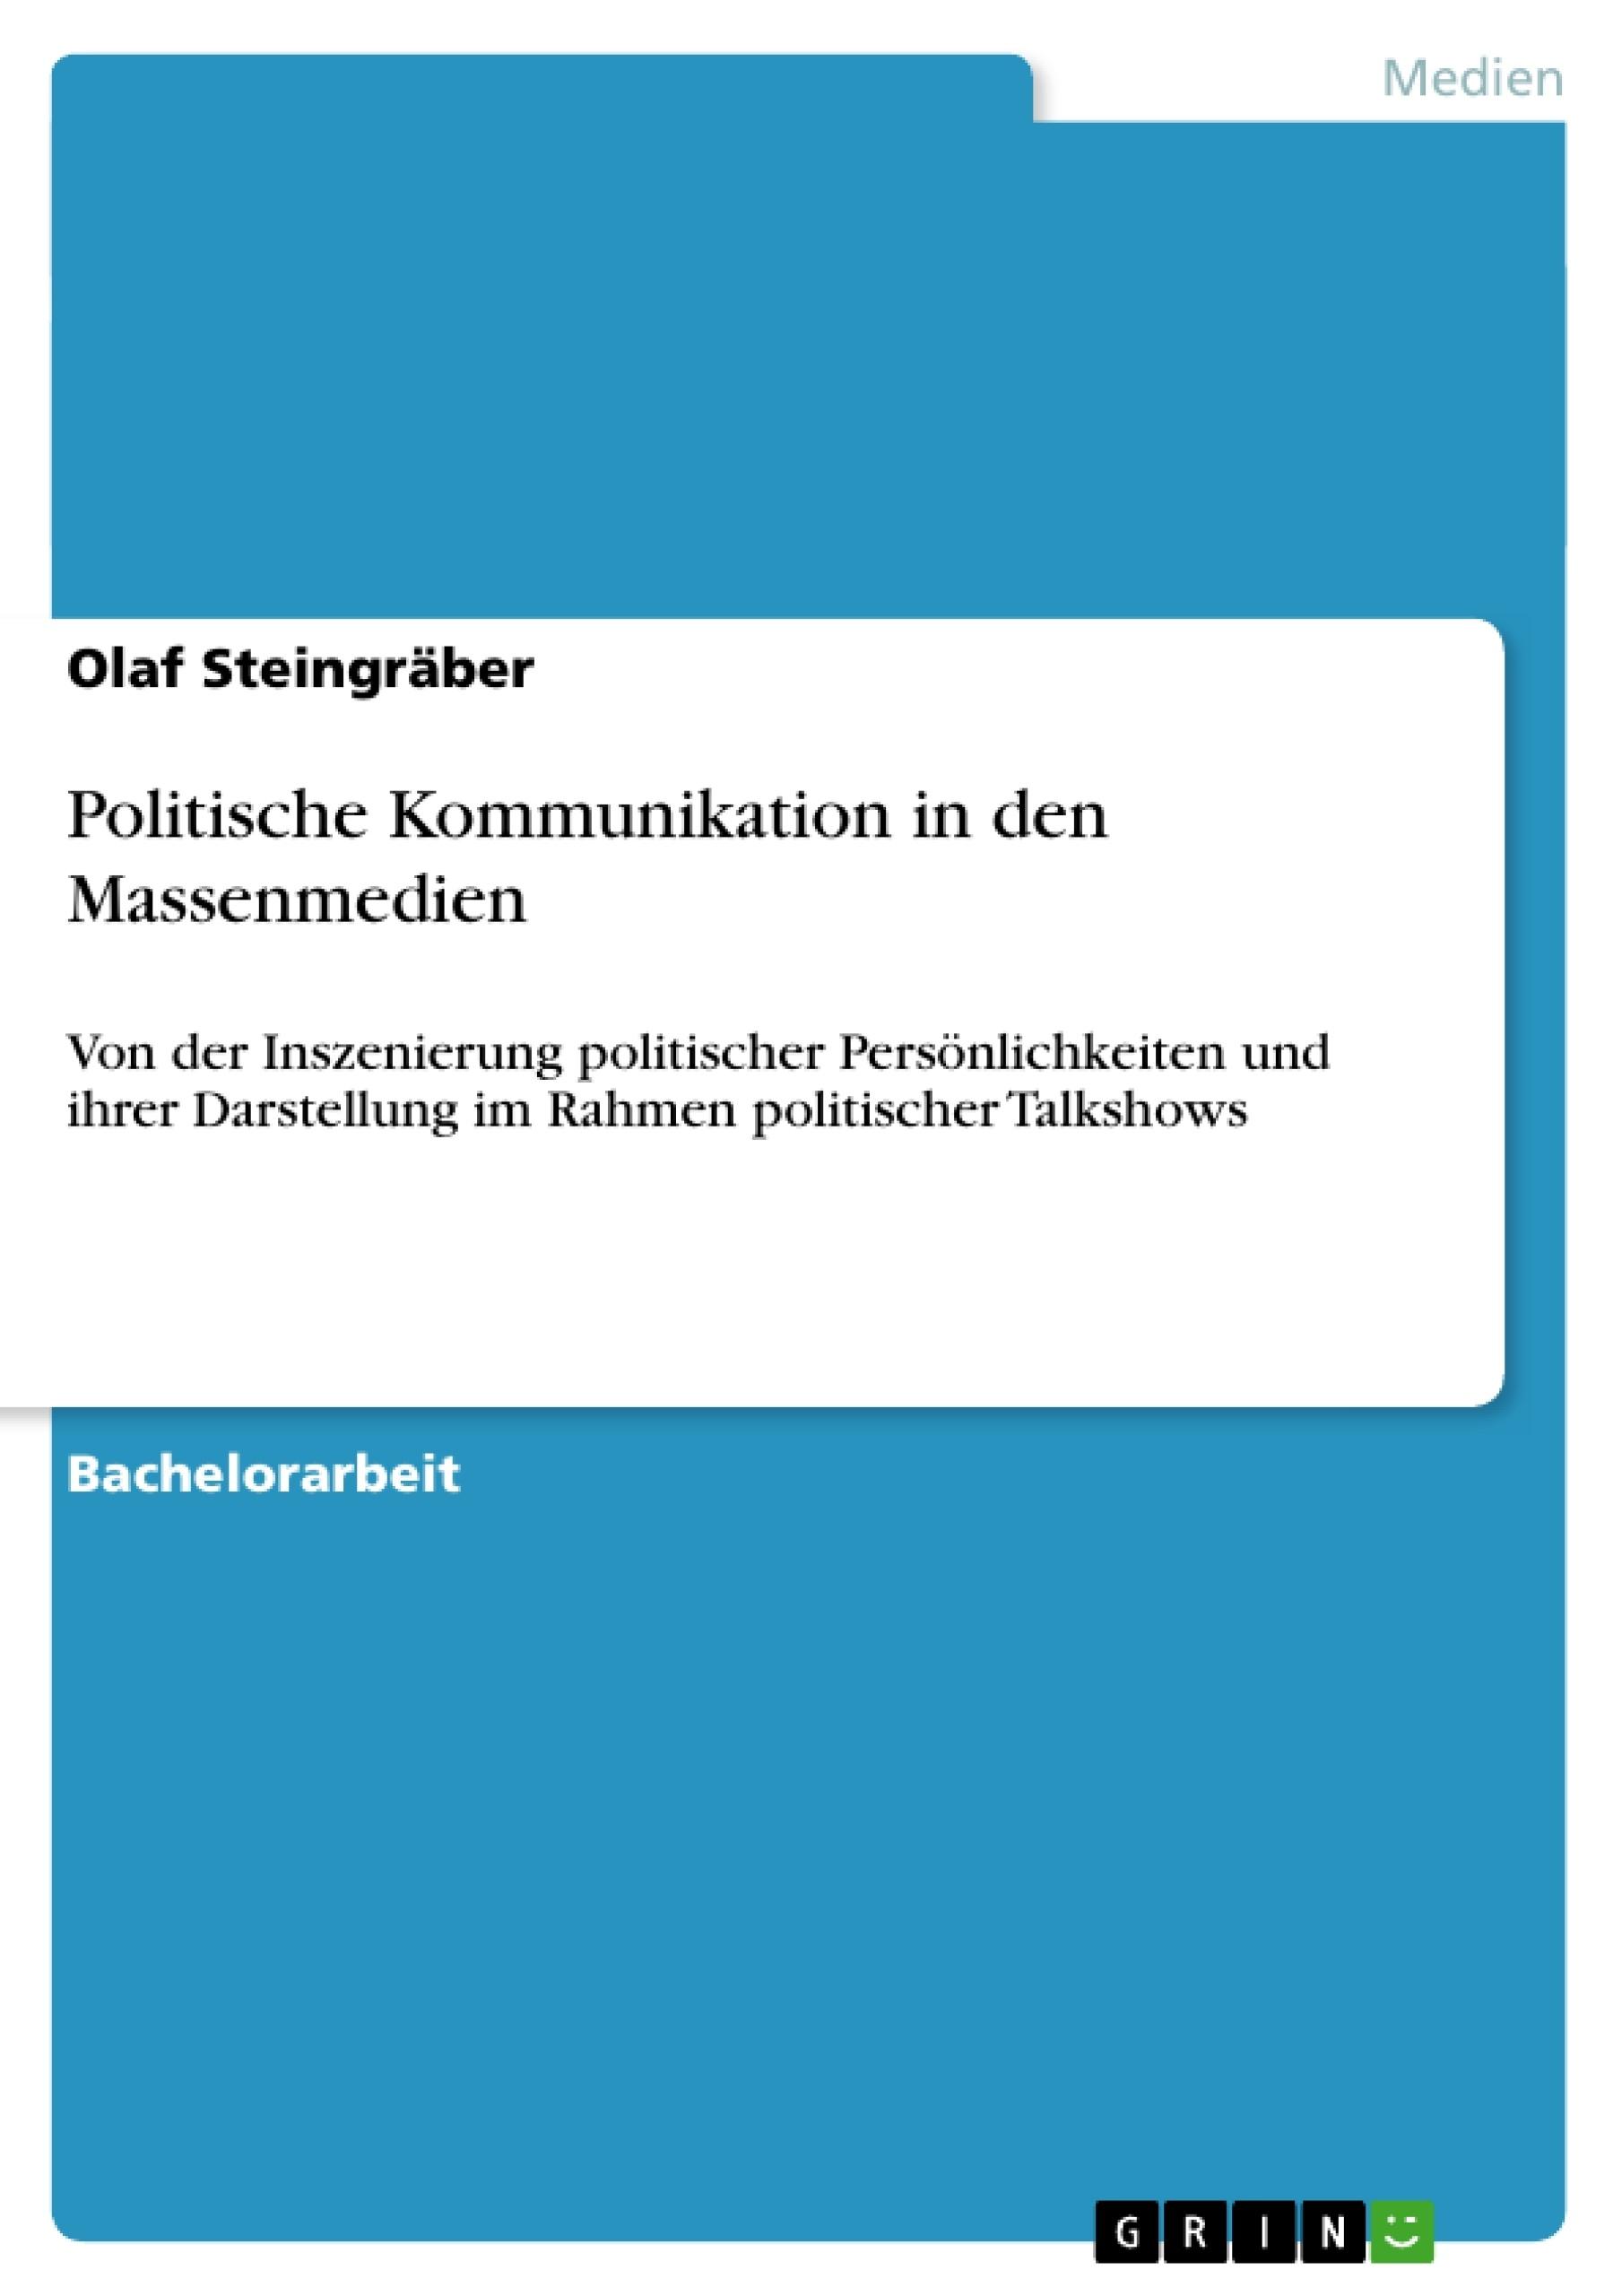 Politische Kommunikation in den Massenmedien | Masterarbeit ...